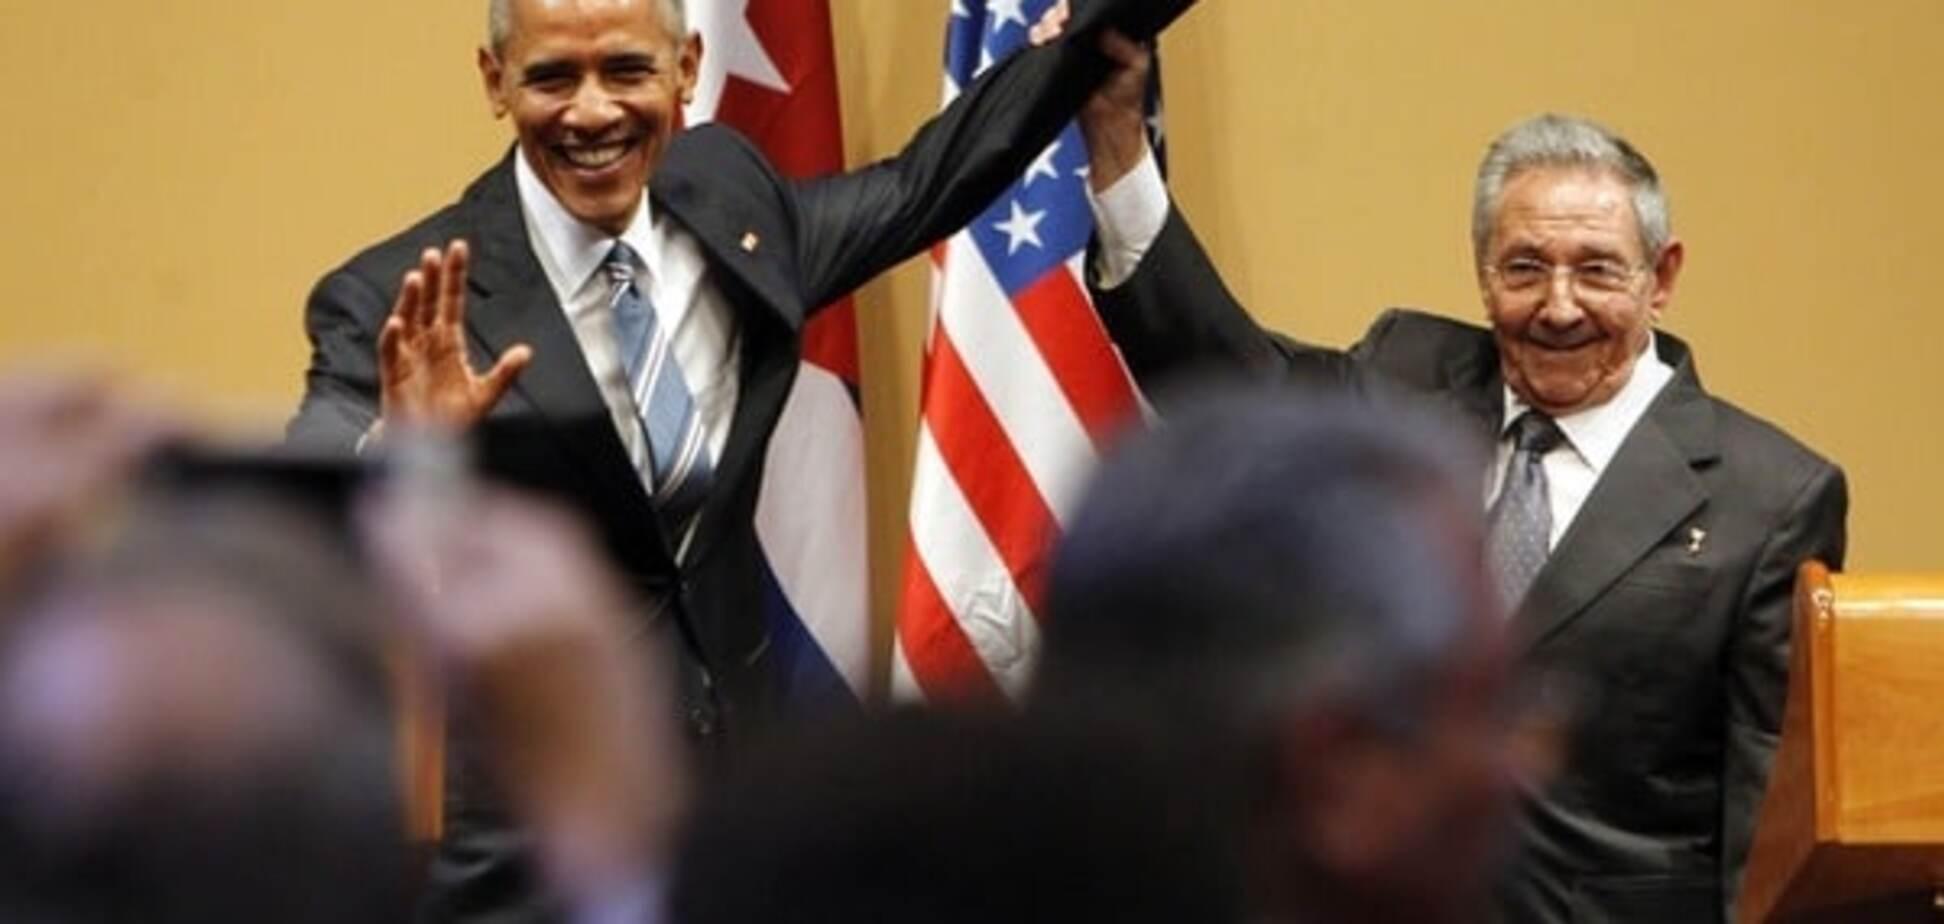 Конфуз Обами і Кастро: брата кубинського лідера порівняли з жінкою